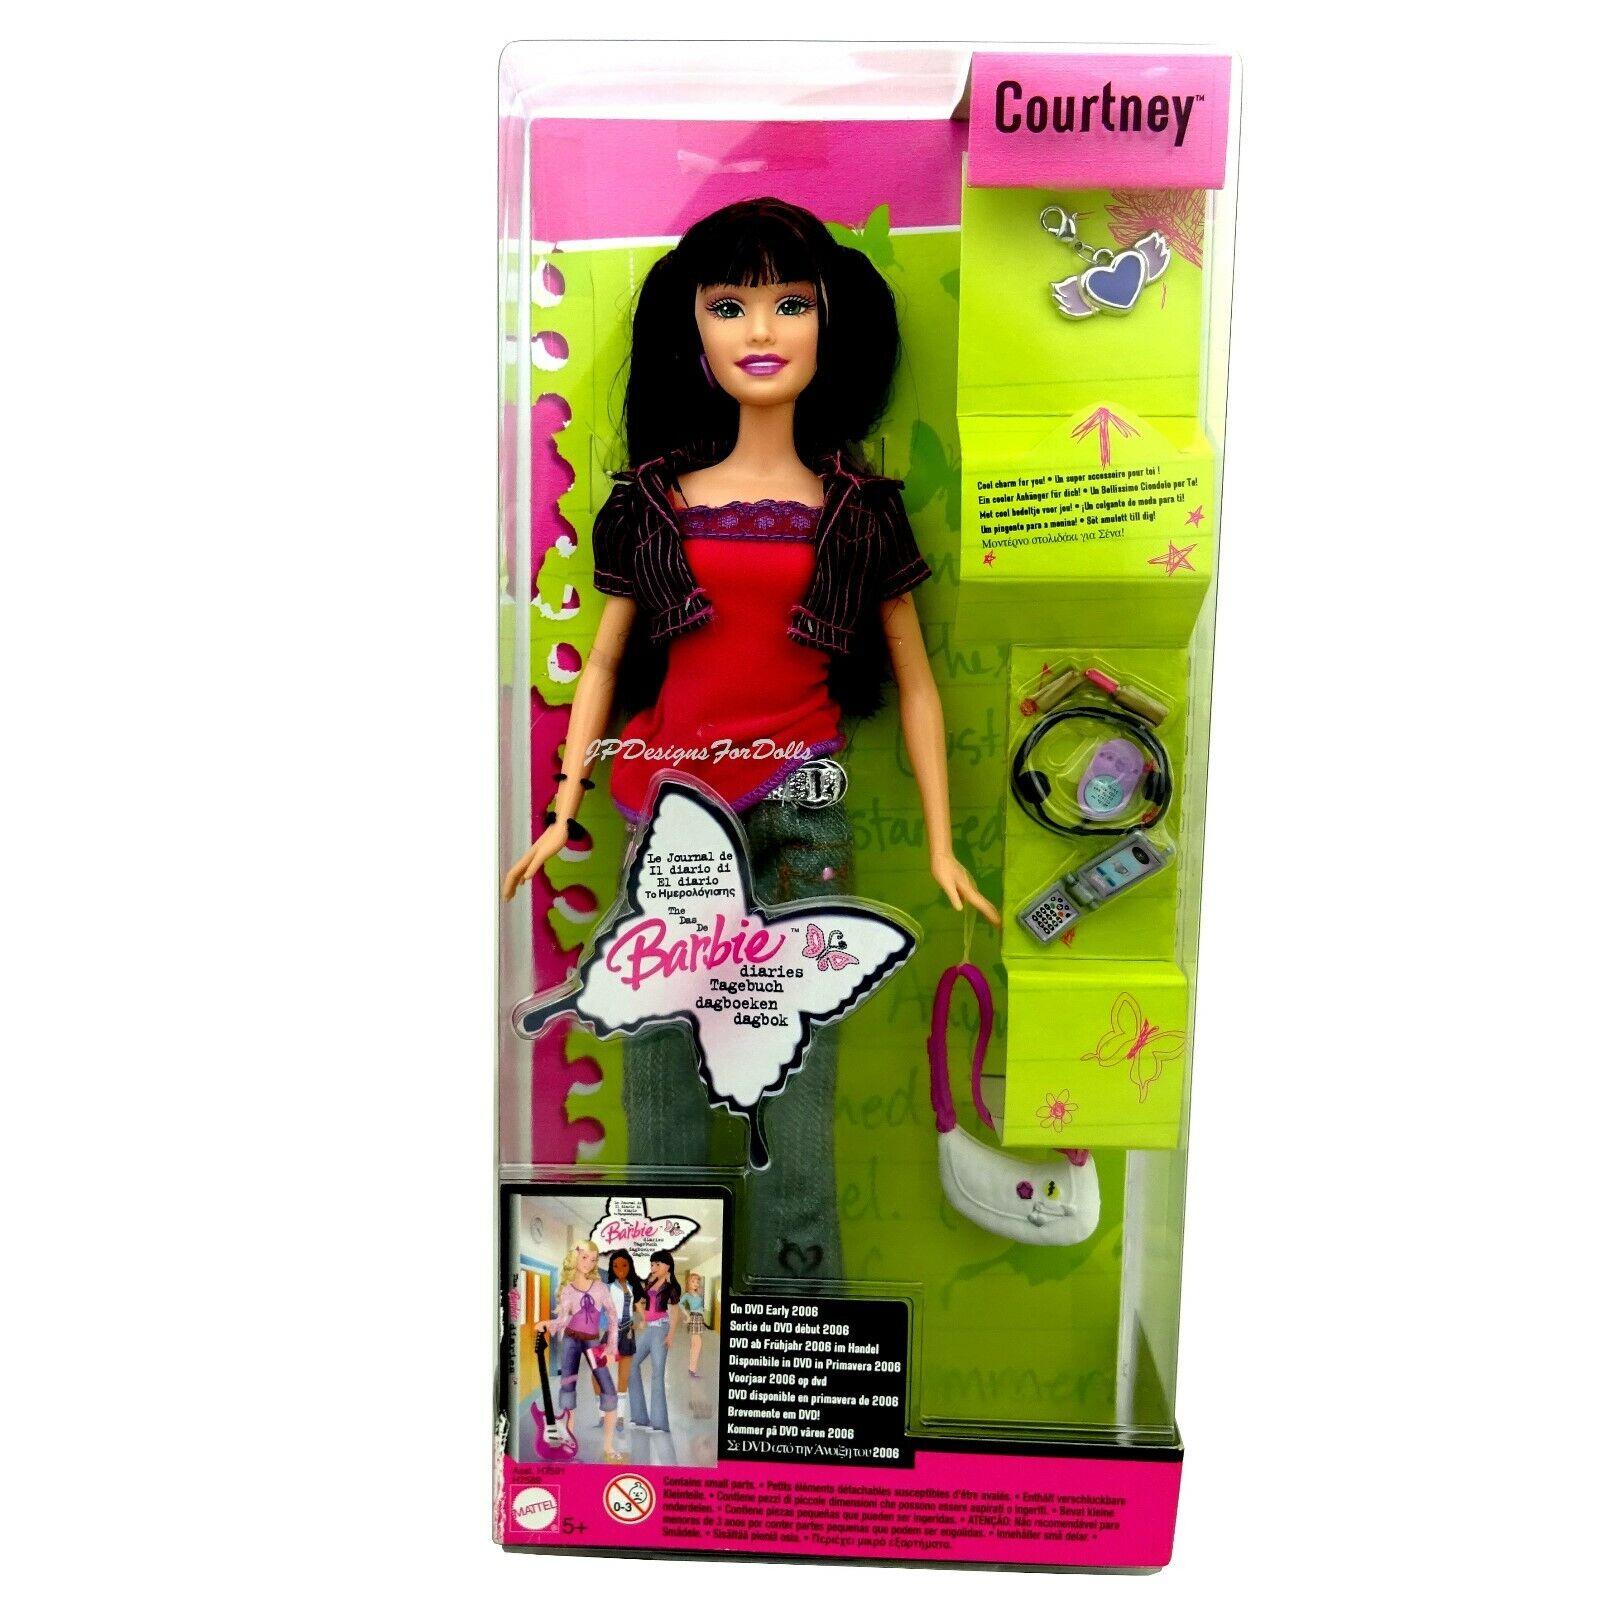 2005 Barbie Diaries Courtney Doll